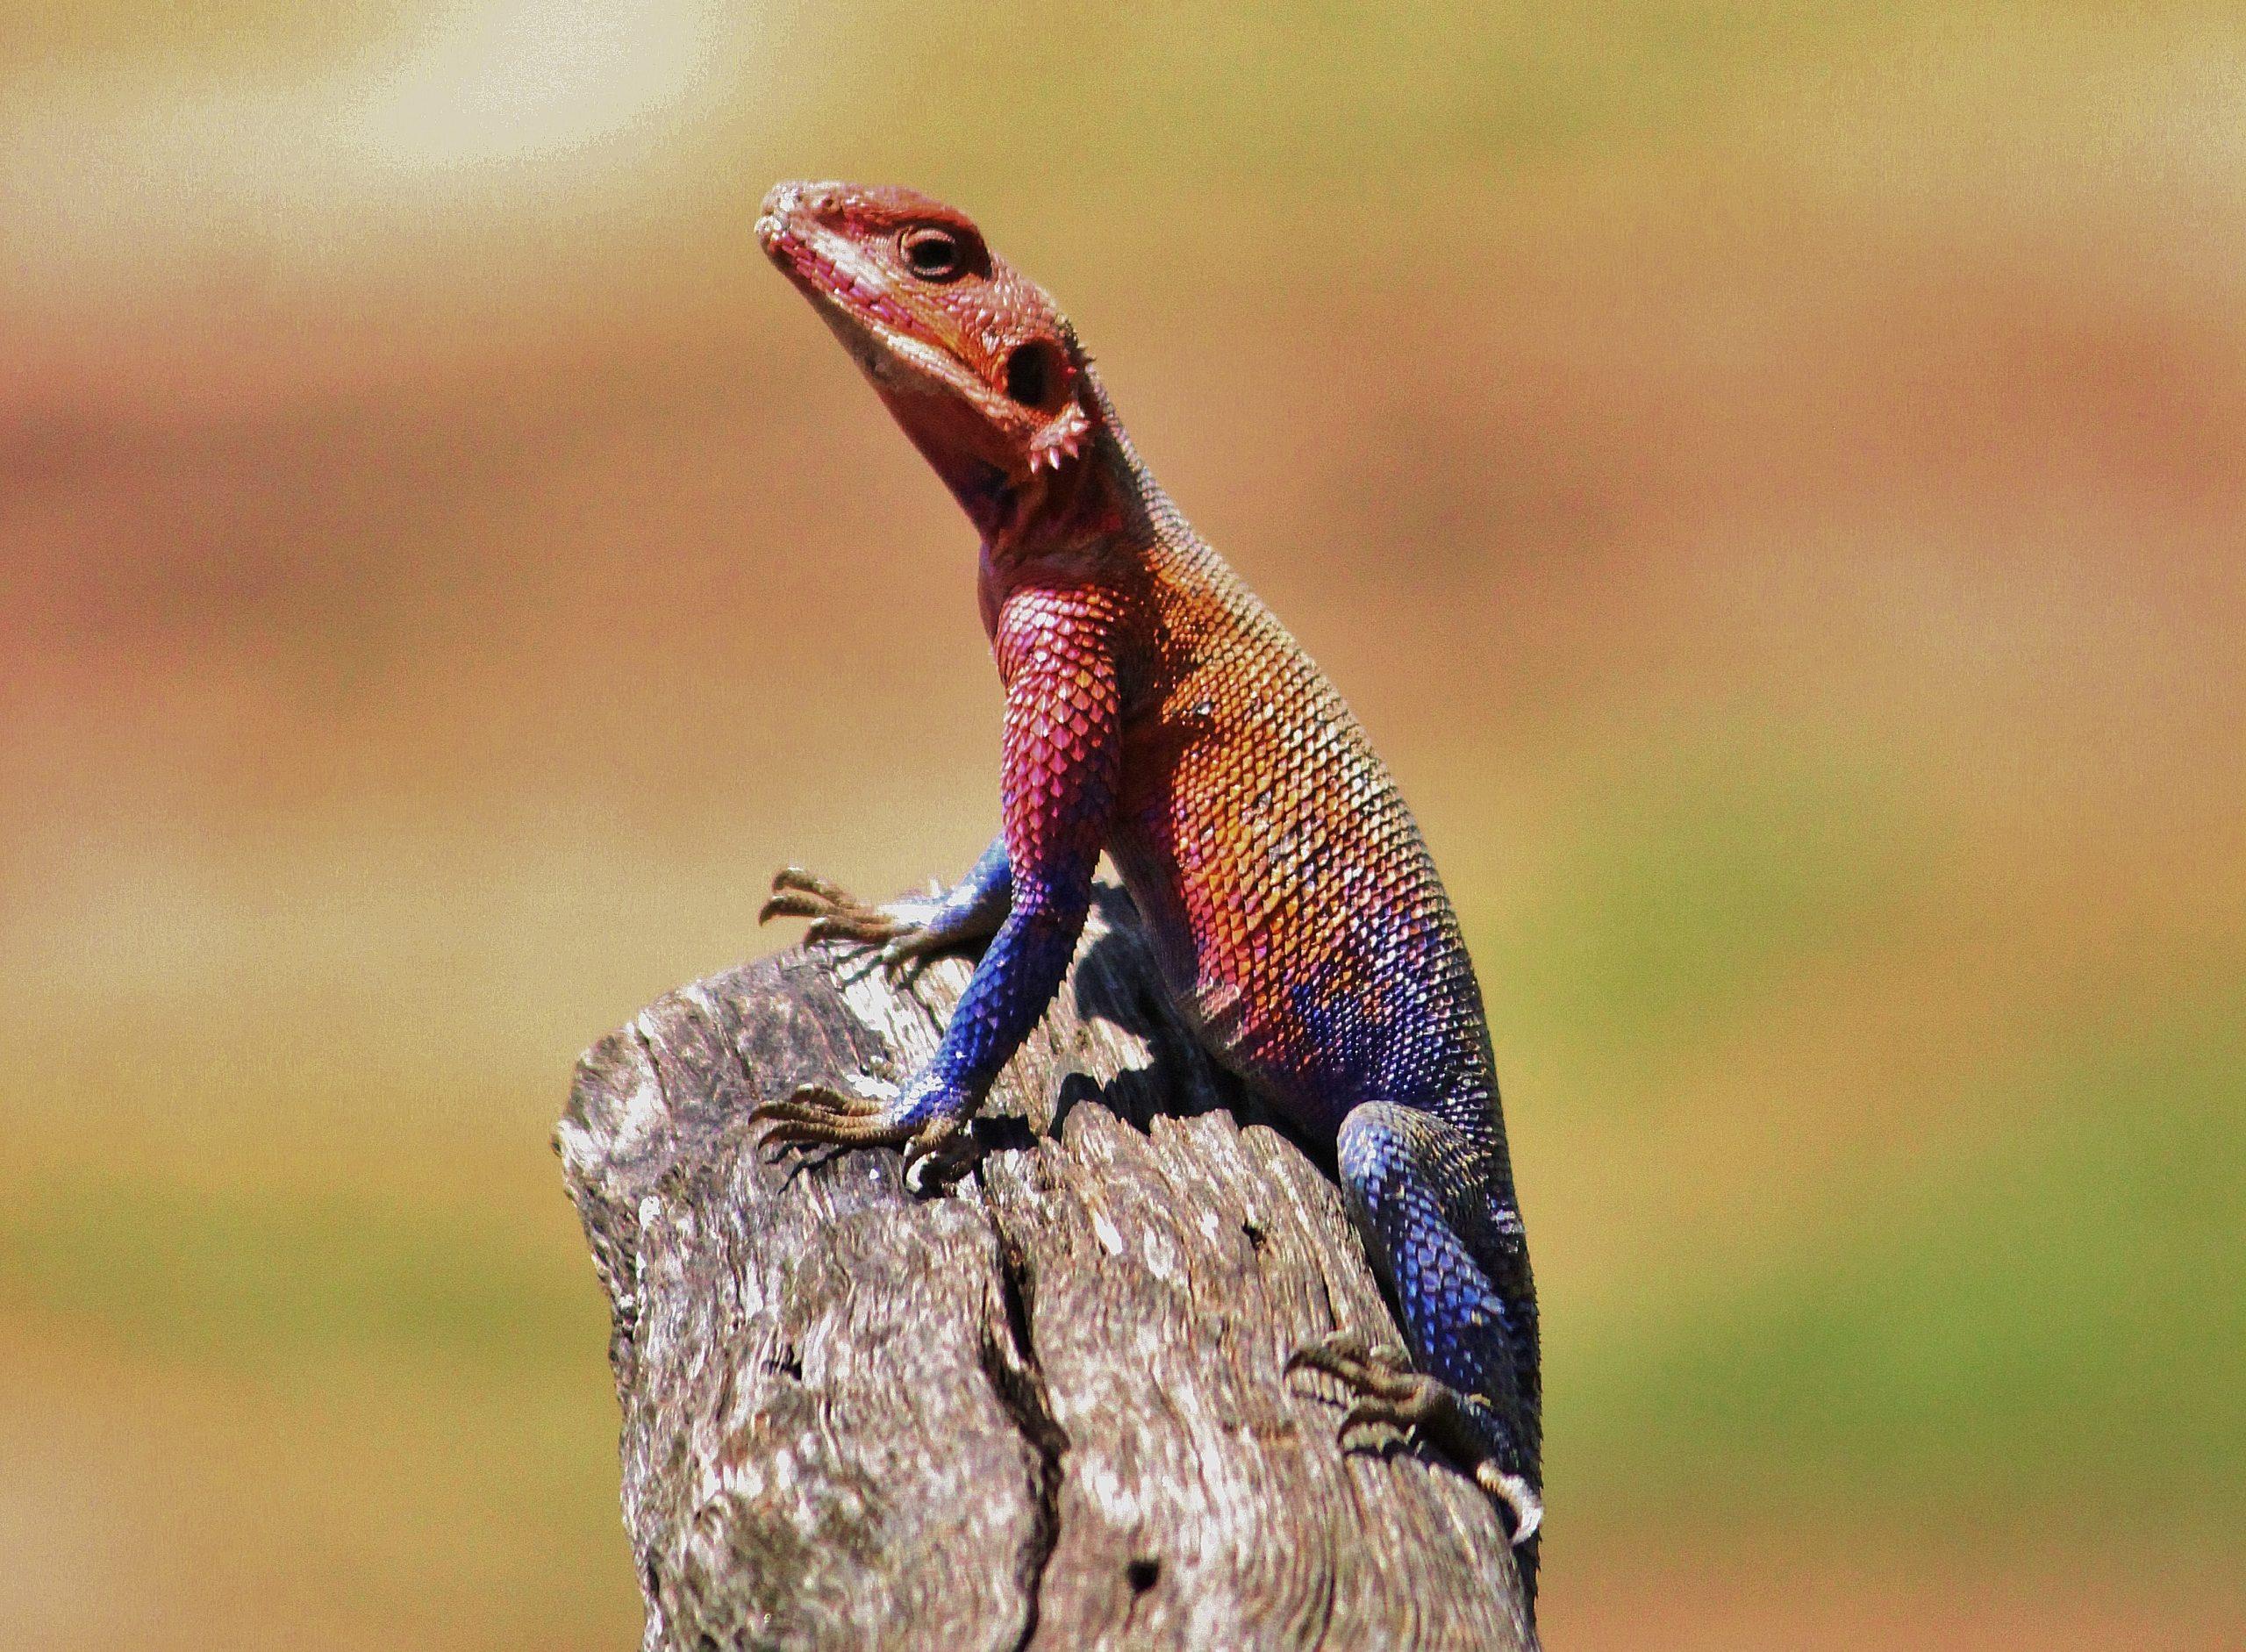 A lizard on a wood